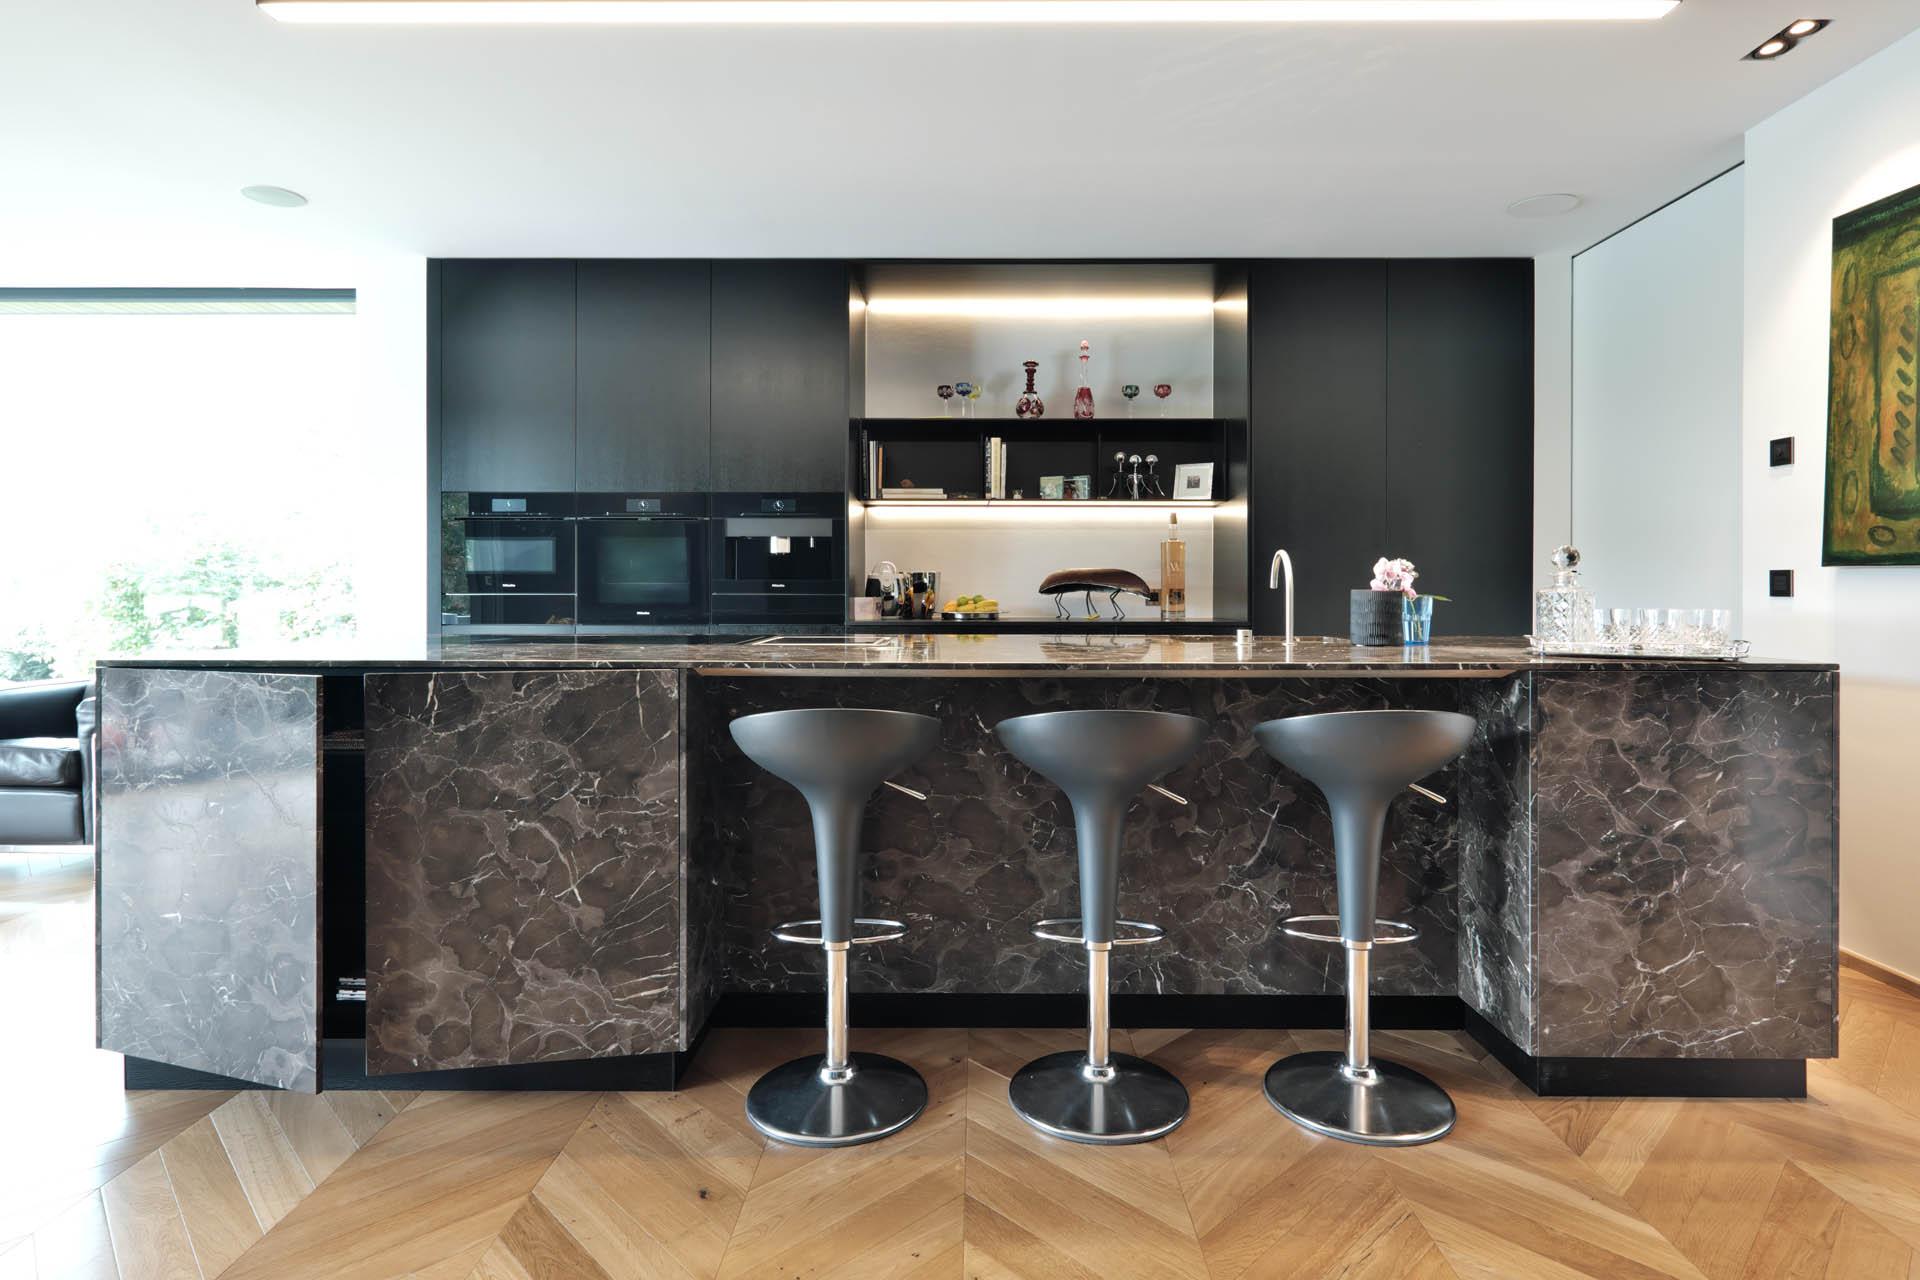 Marmor Radermacher  Naturstein Bäder, Küchenarbeitsplatten